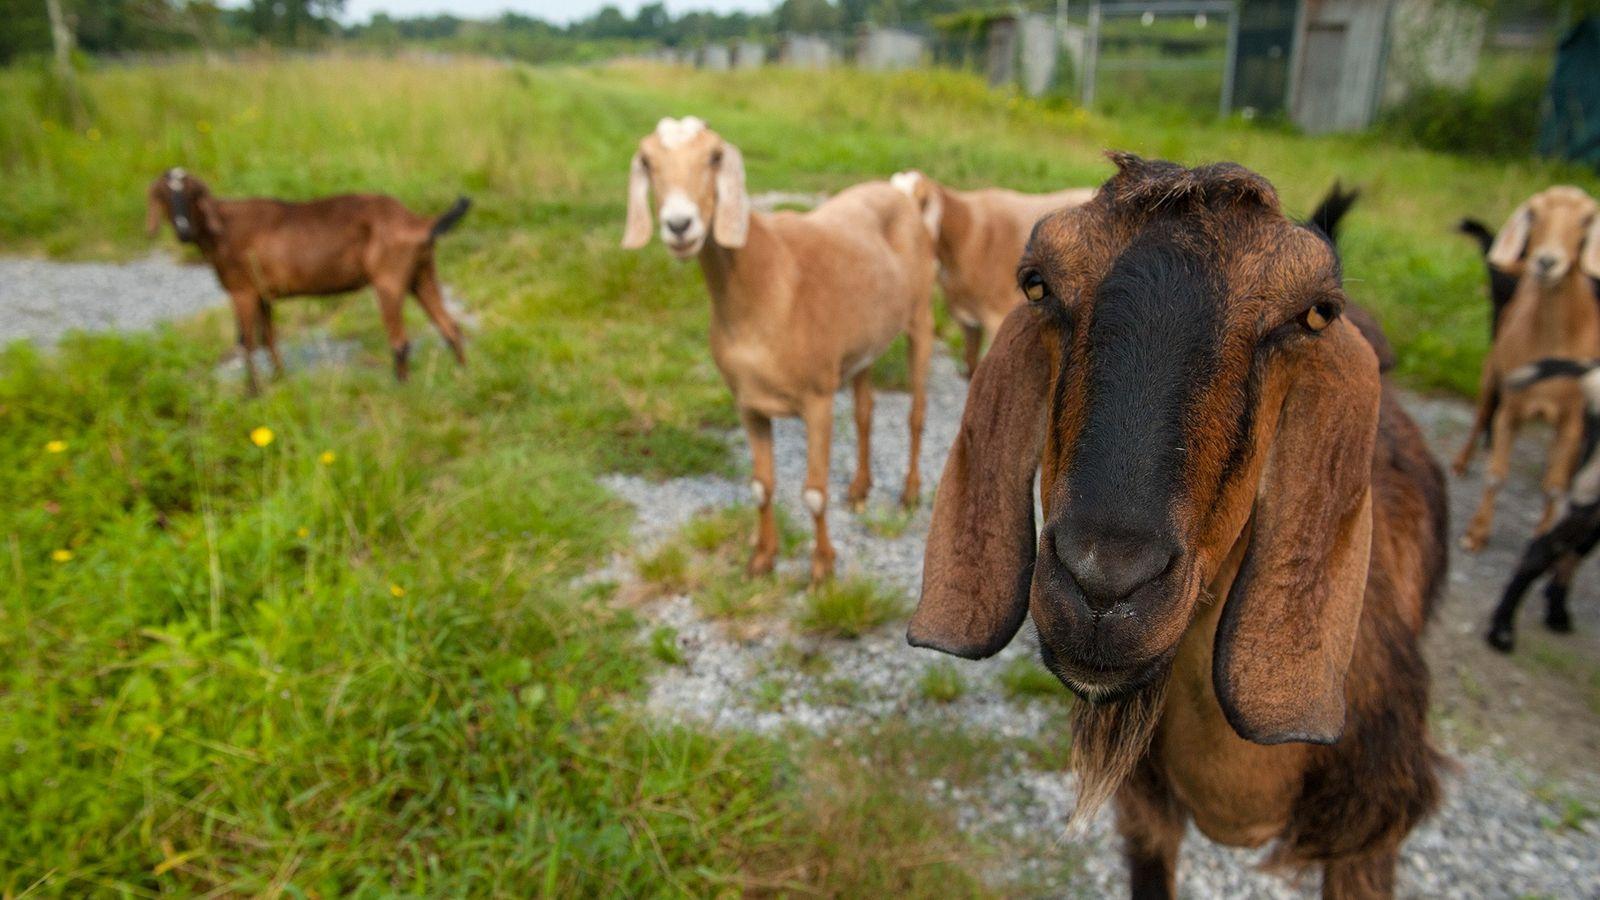 Ziegen sind intelligente und soziale Tiere. Eine neue Studie zeigt, dass sie anhand von Lautäußerungen erkennen ...